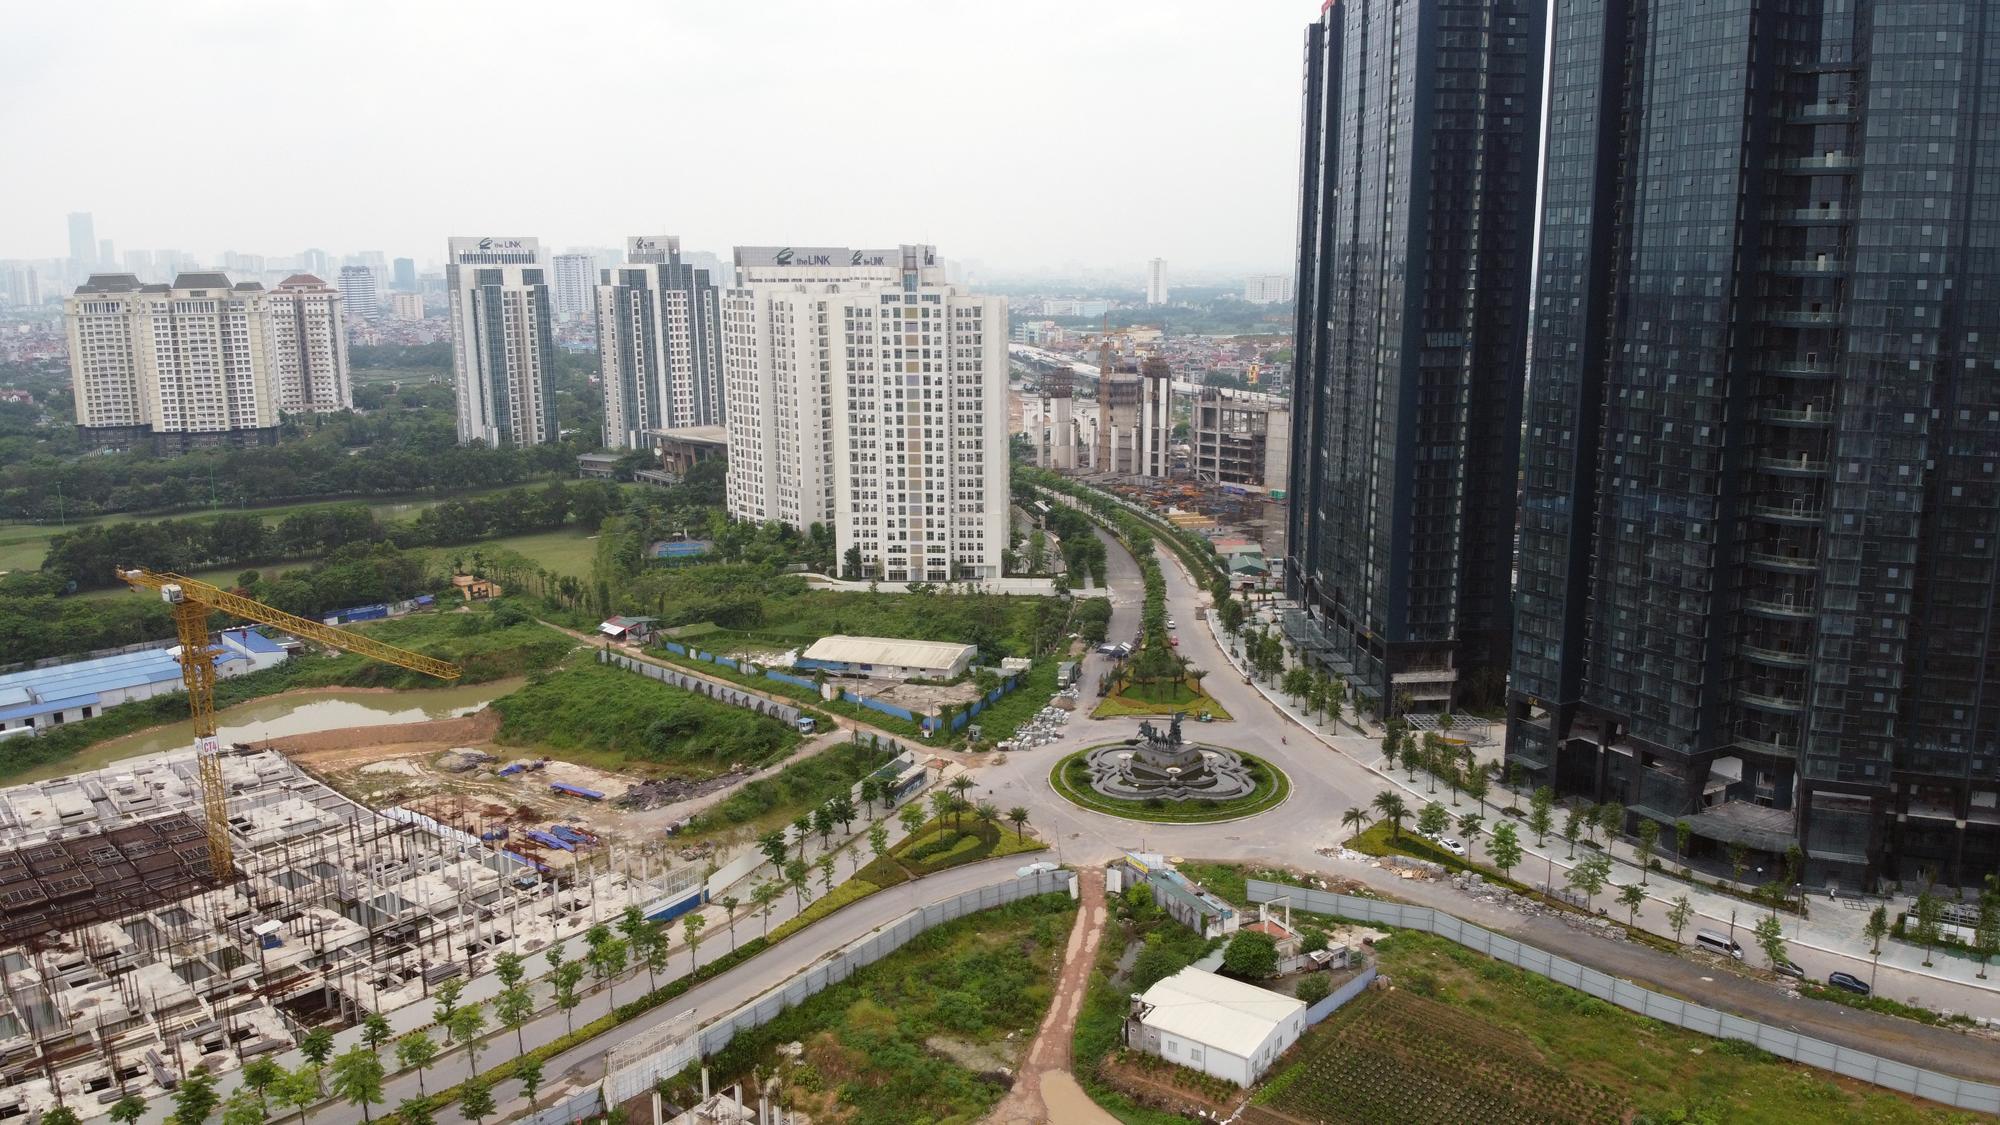 3 đường sẽ mở theo qui hoạch ở phường Xuân Đỉnh, Bắc Từ Liêm - Ảnh 8.